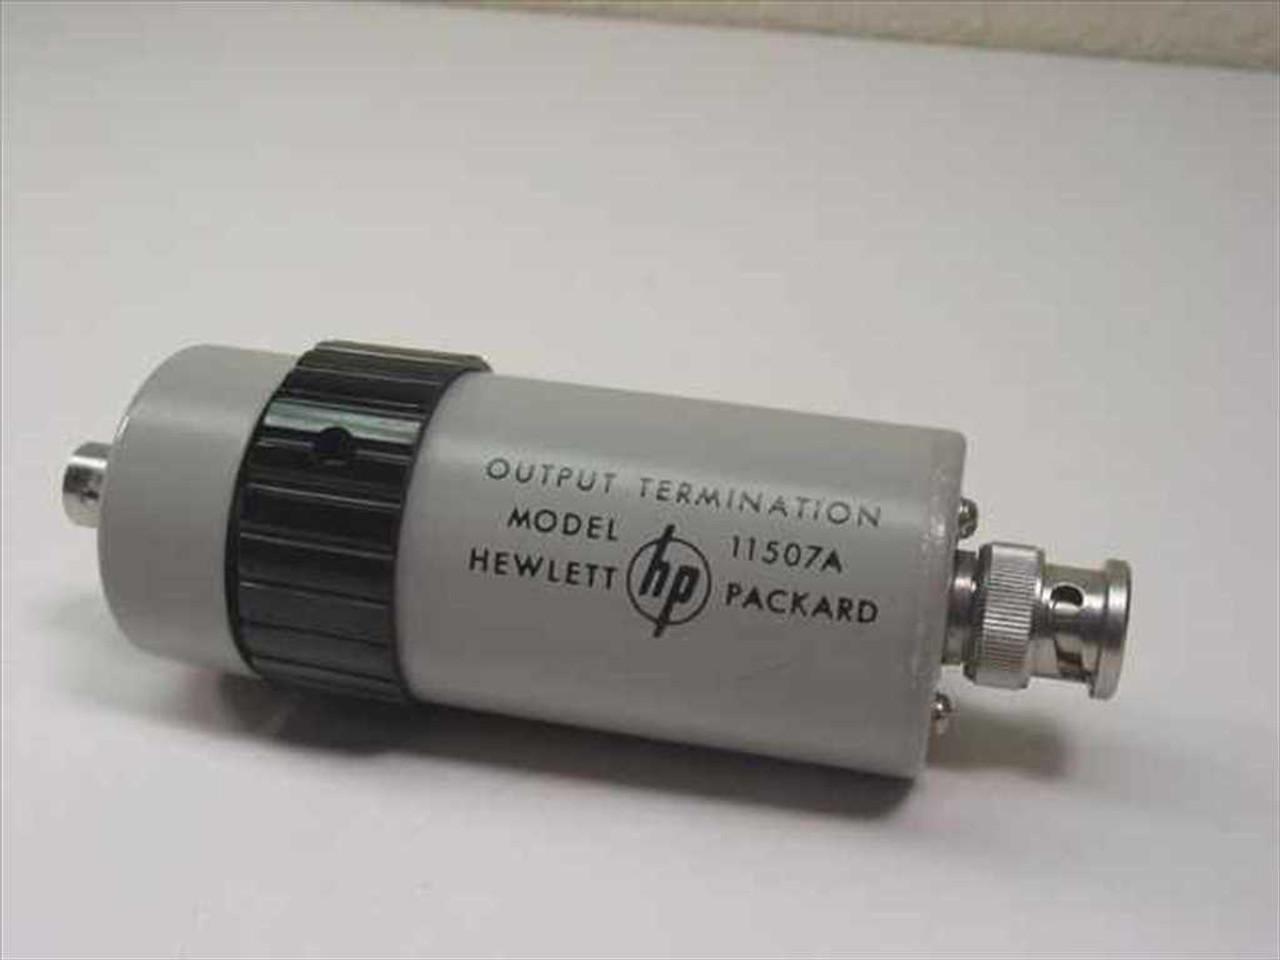 Hewlett Packard Output Termination Model 11507A